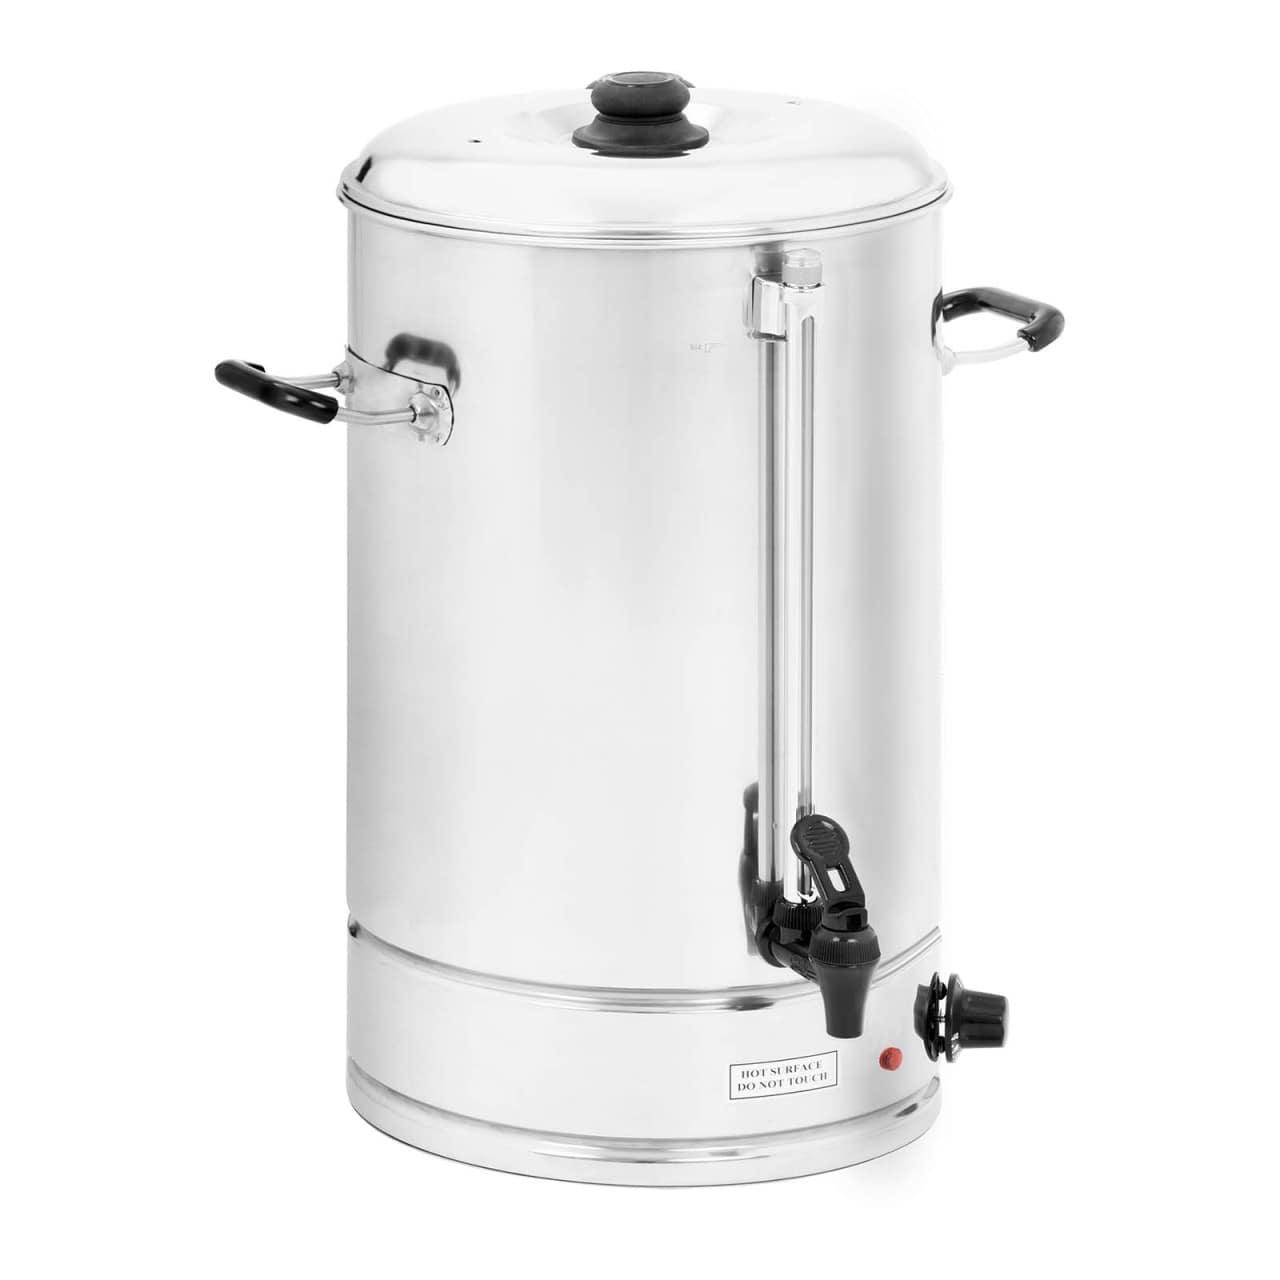 wasserkocher 40 liter